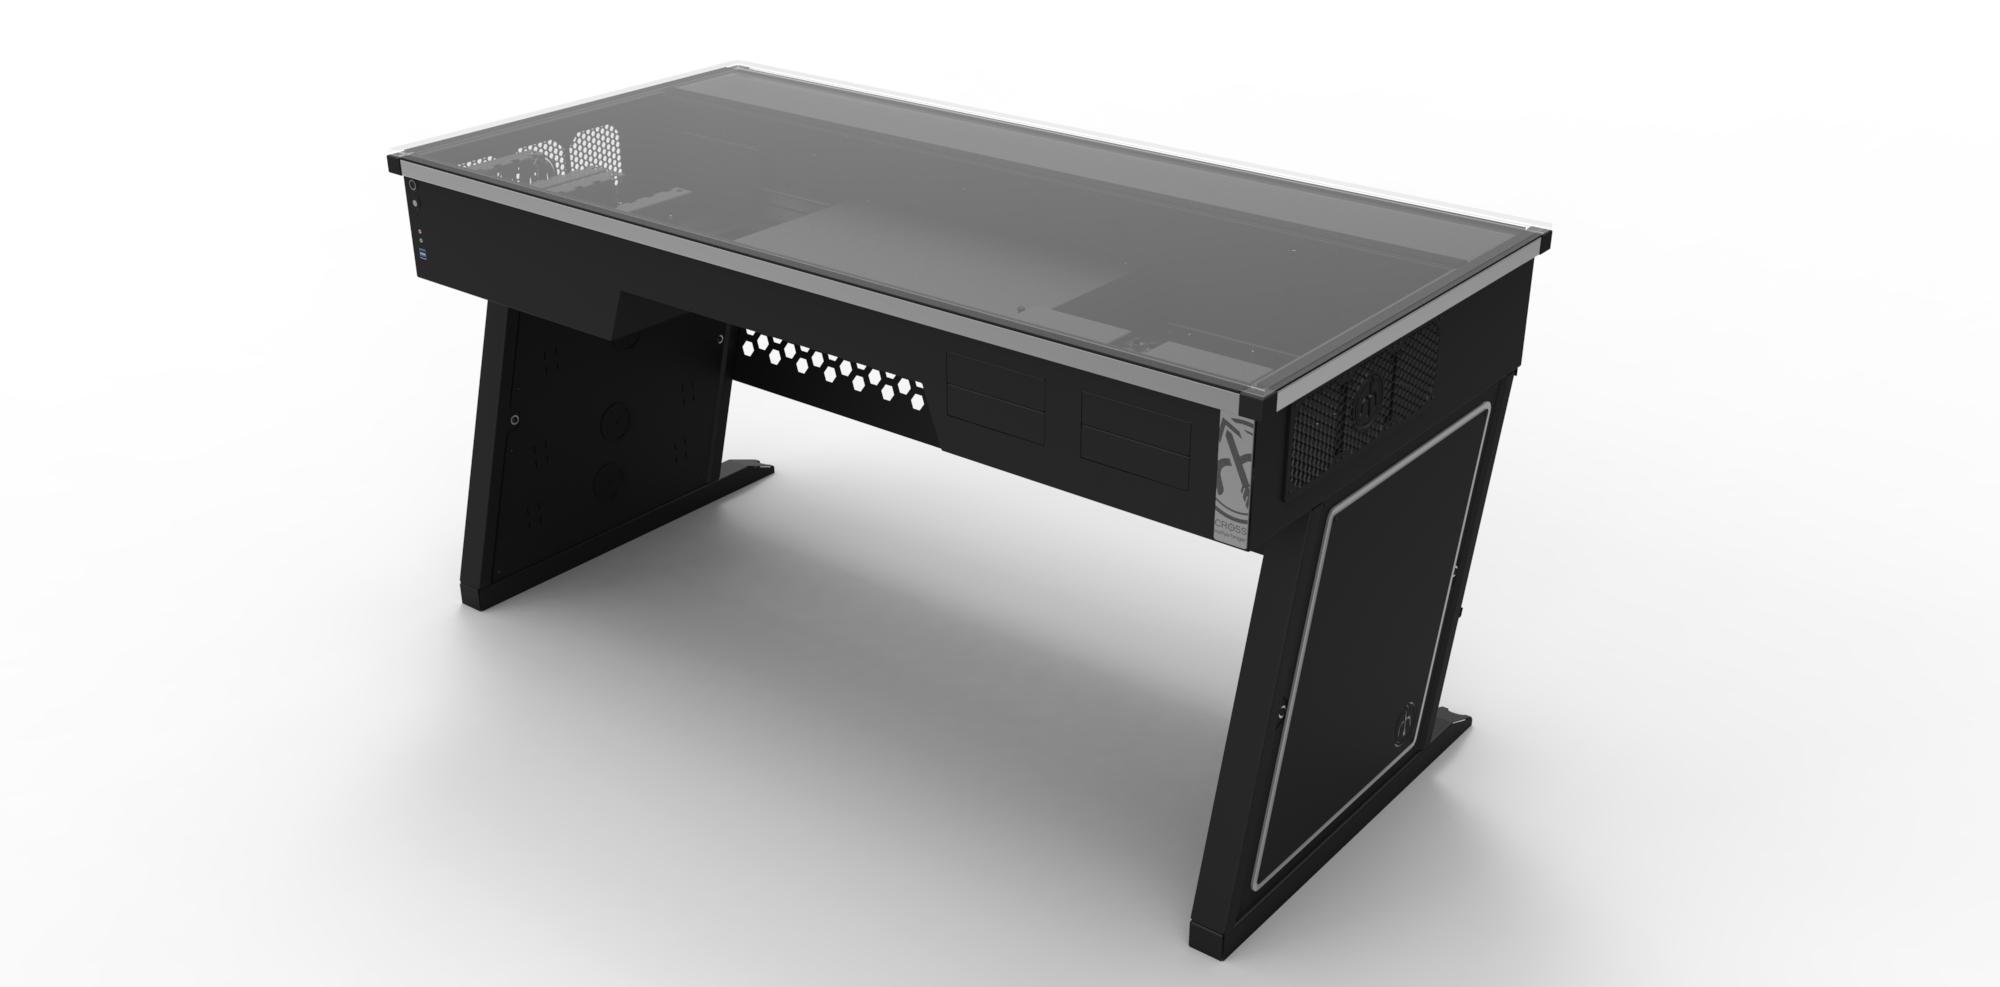 Cross Desk, le mod bureau sur mesure !